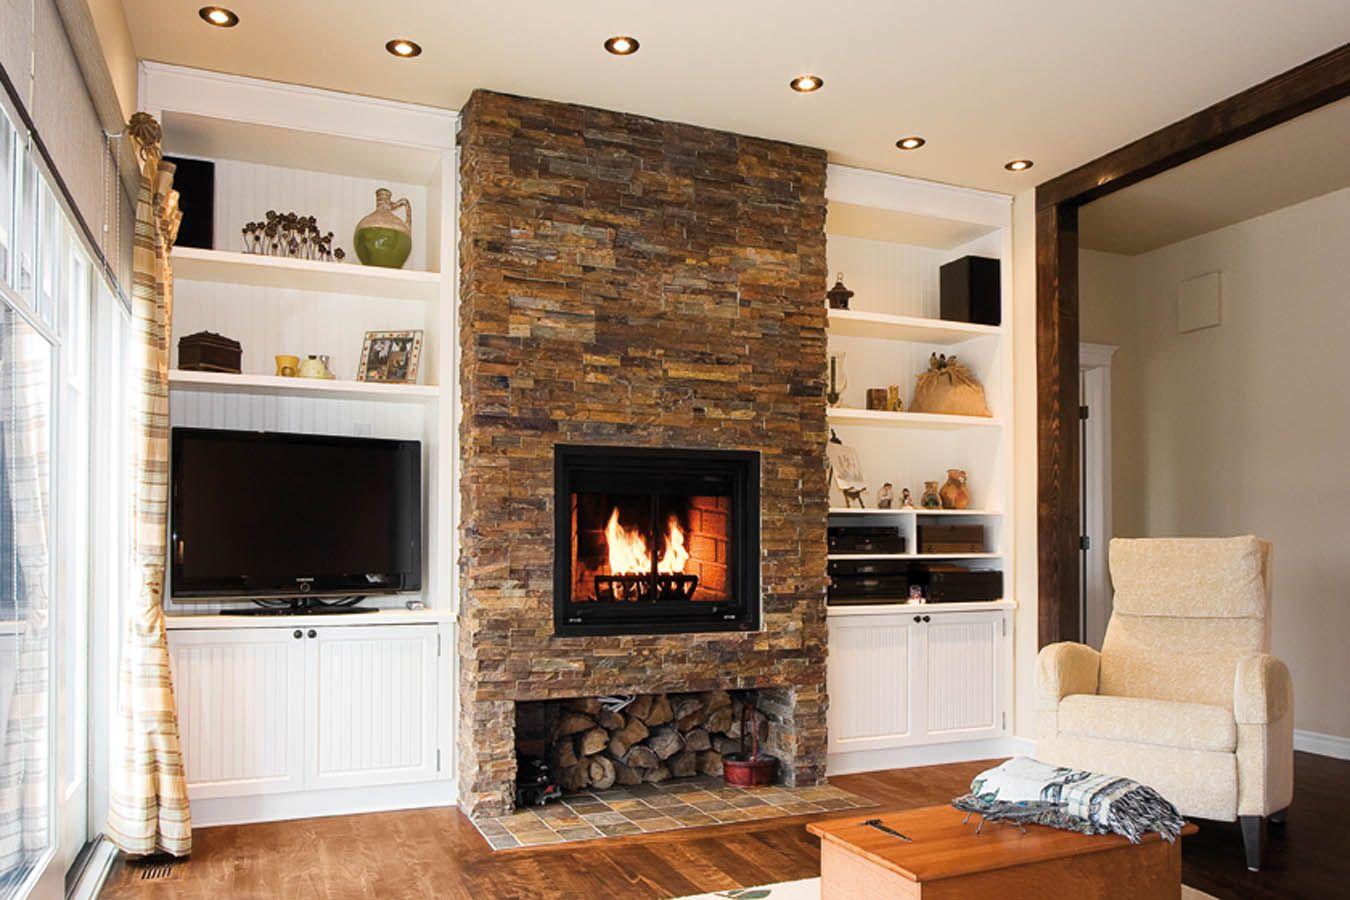 Au Foyer Decor Societe Com : Modele de foyer au bois recherche google home